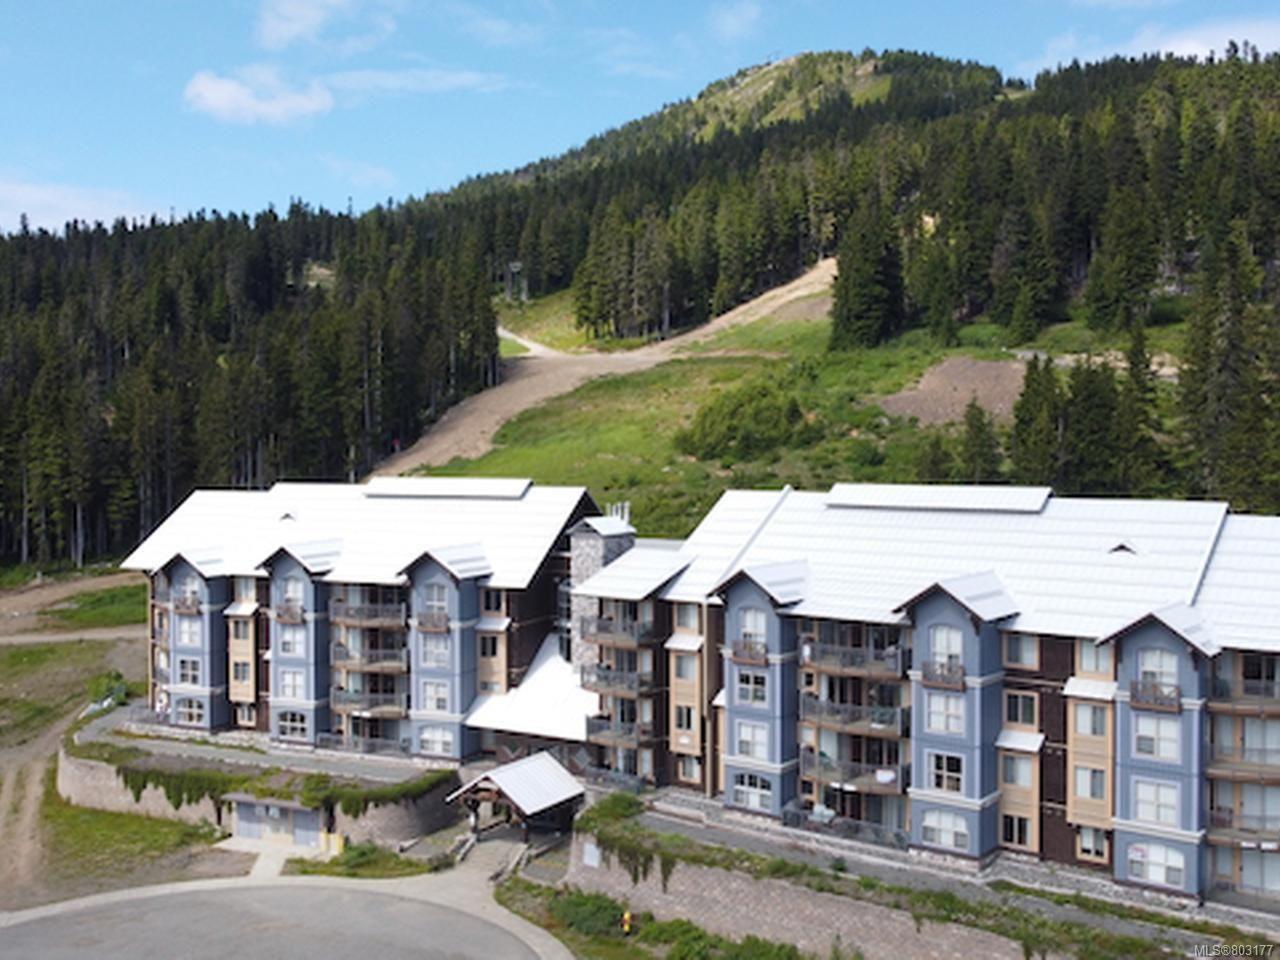 Main Photo: 414 1280 Alpine Rd in COURTENAY: CV Mt Washington Condo for sale (Comox Valley)  : MLS®# 803177